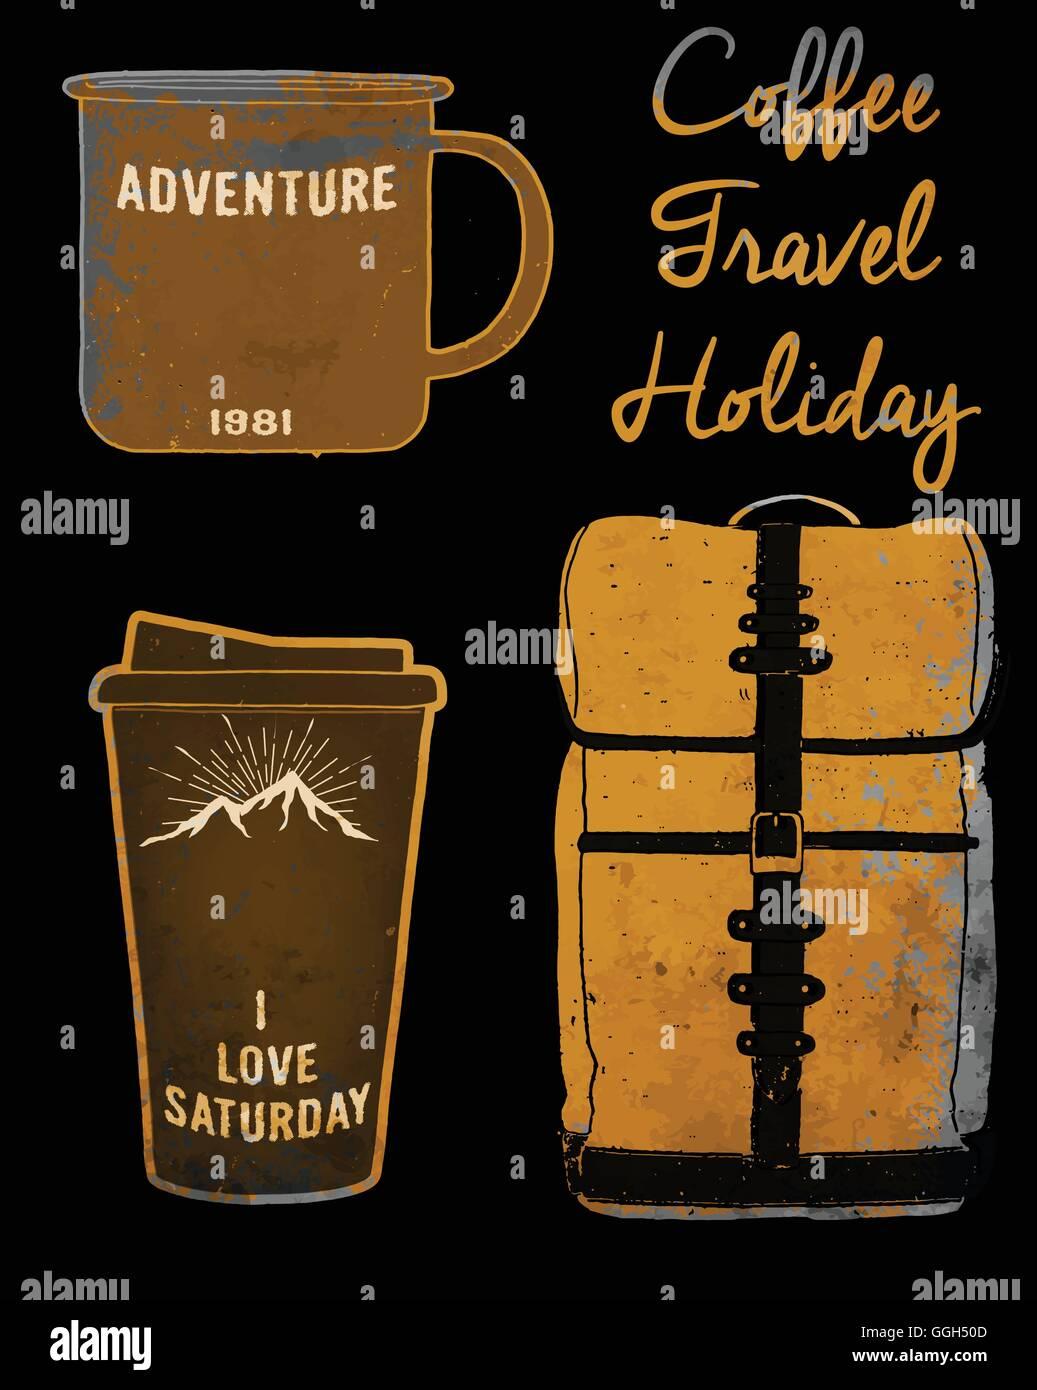 Holiday set coffee mug and bag tee graphic design vintage style - Stock Vector